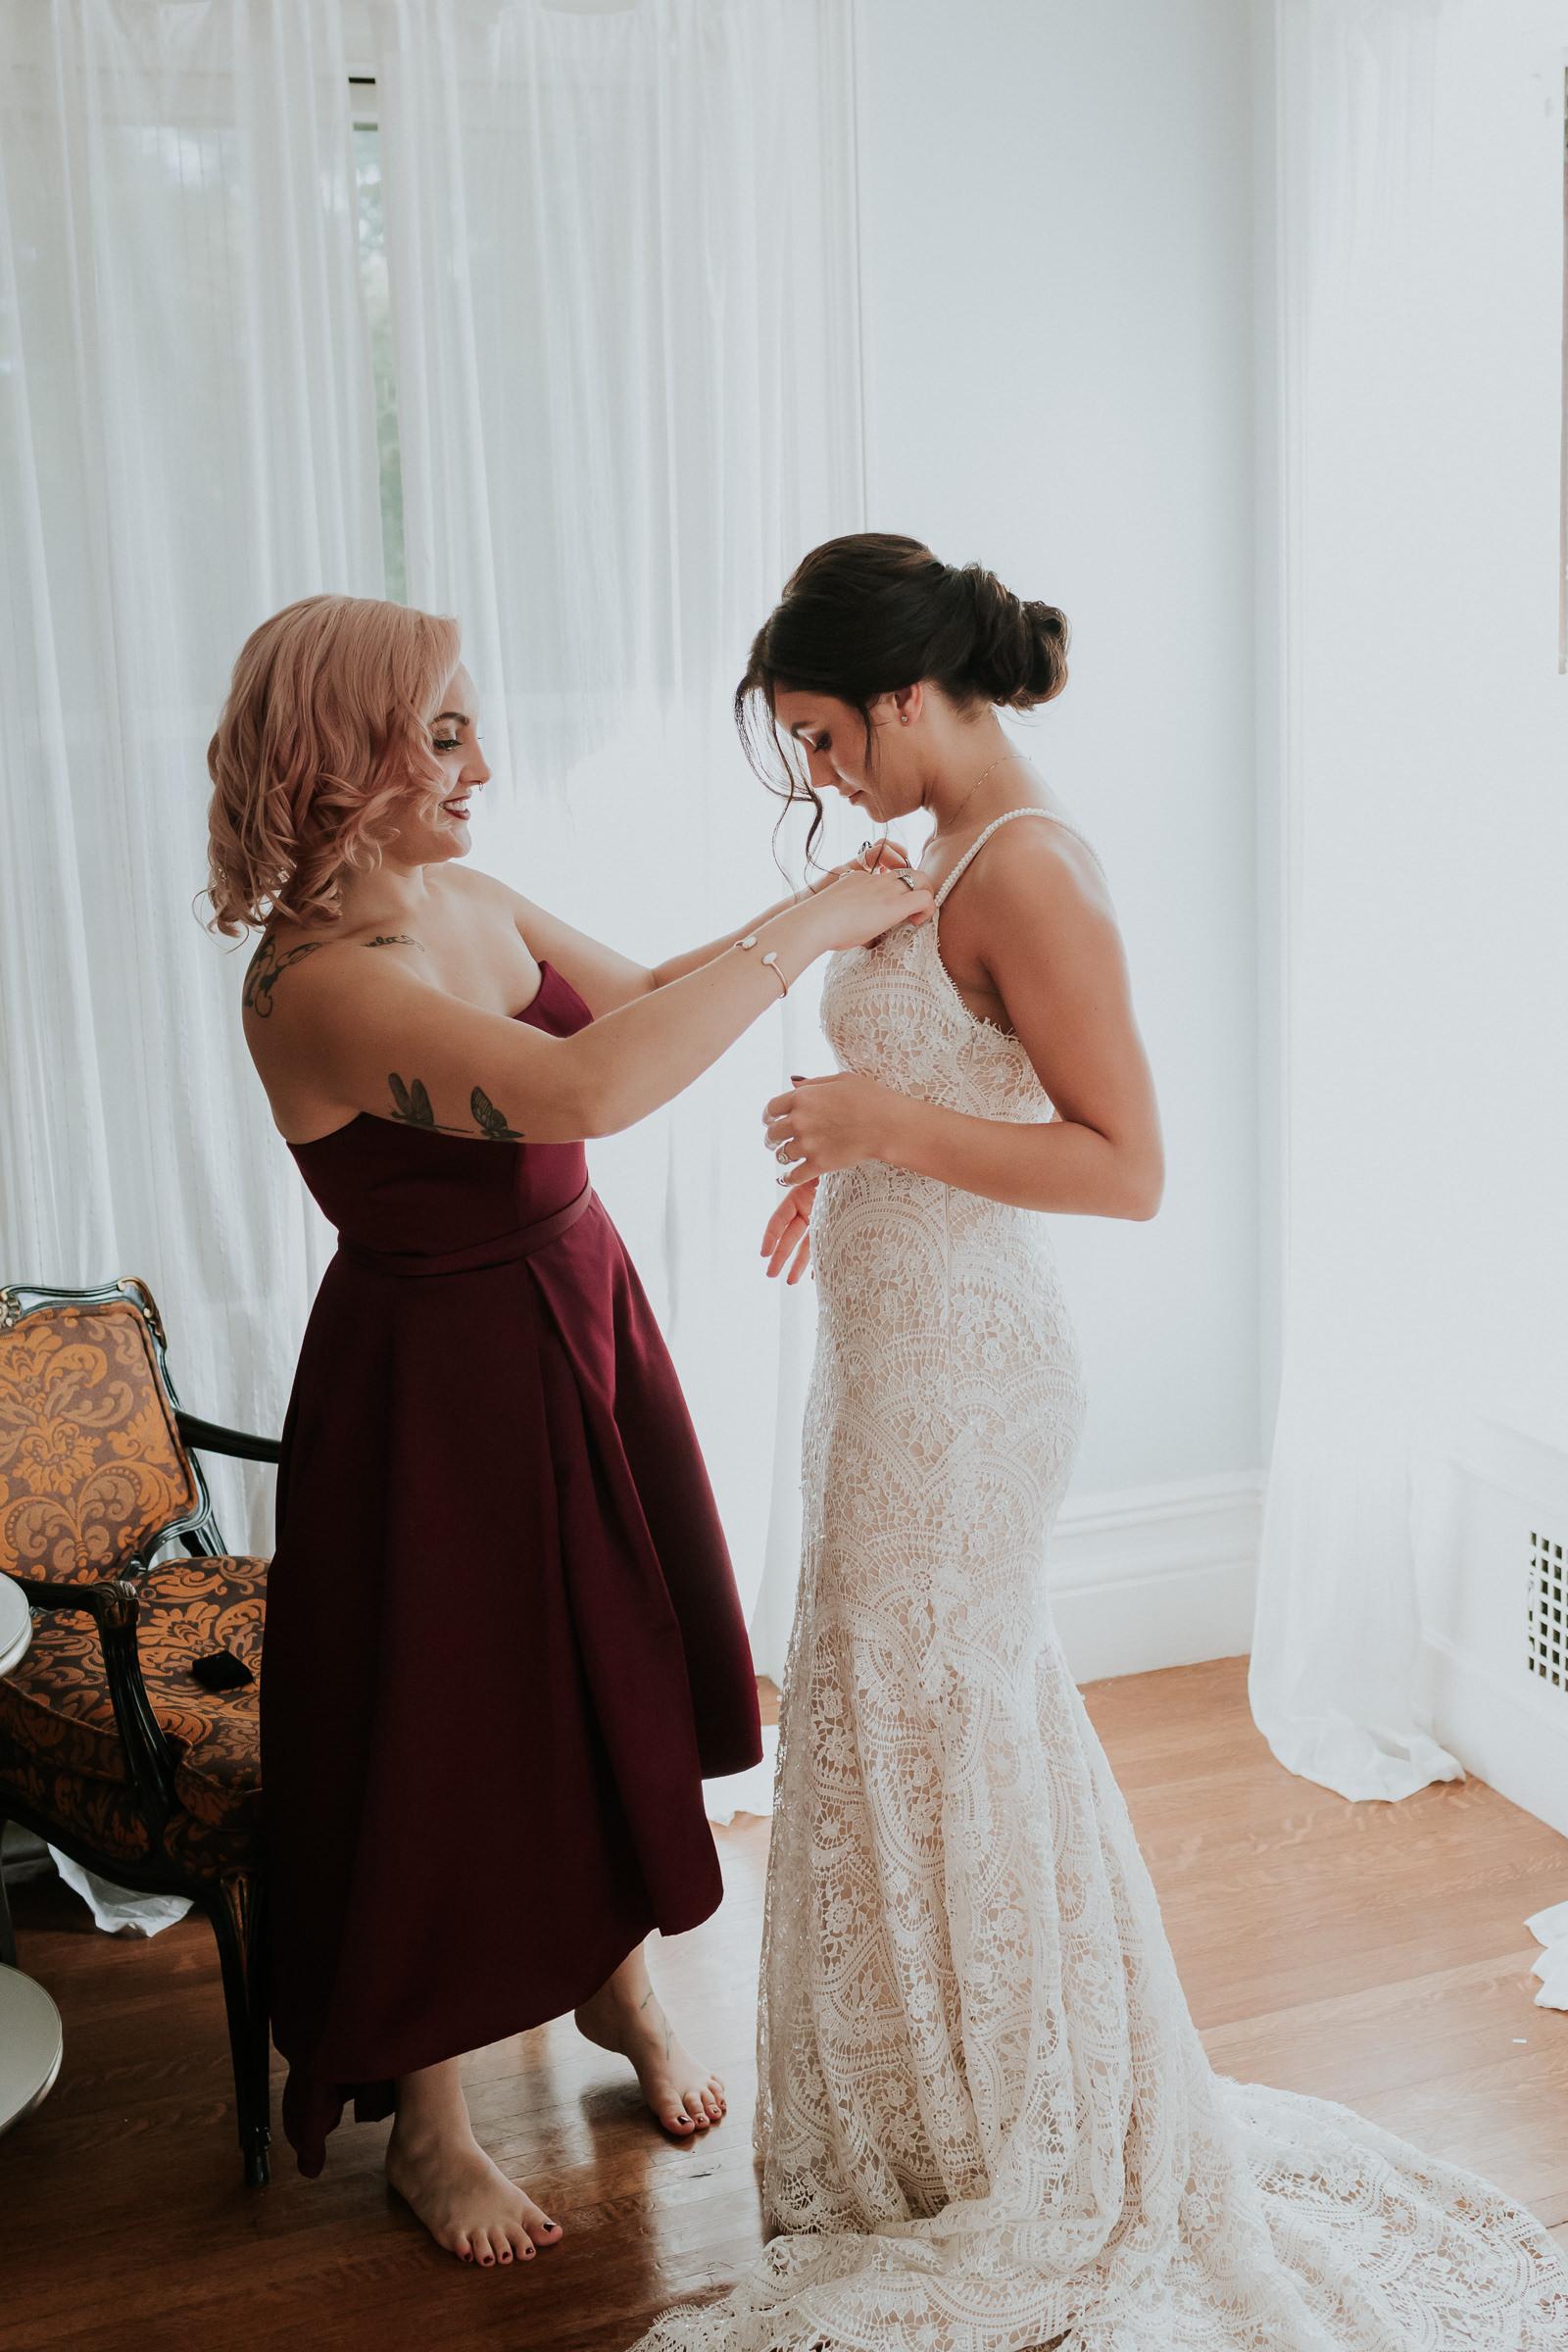 Arrow-Park-Monroe-NY-Documentary-Wedding-Photographer-15.jpg